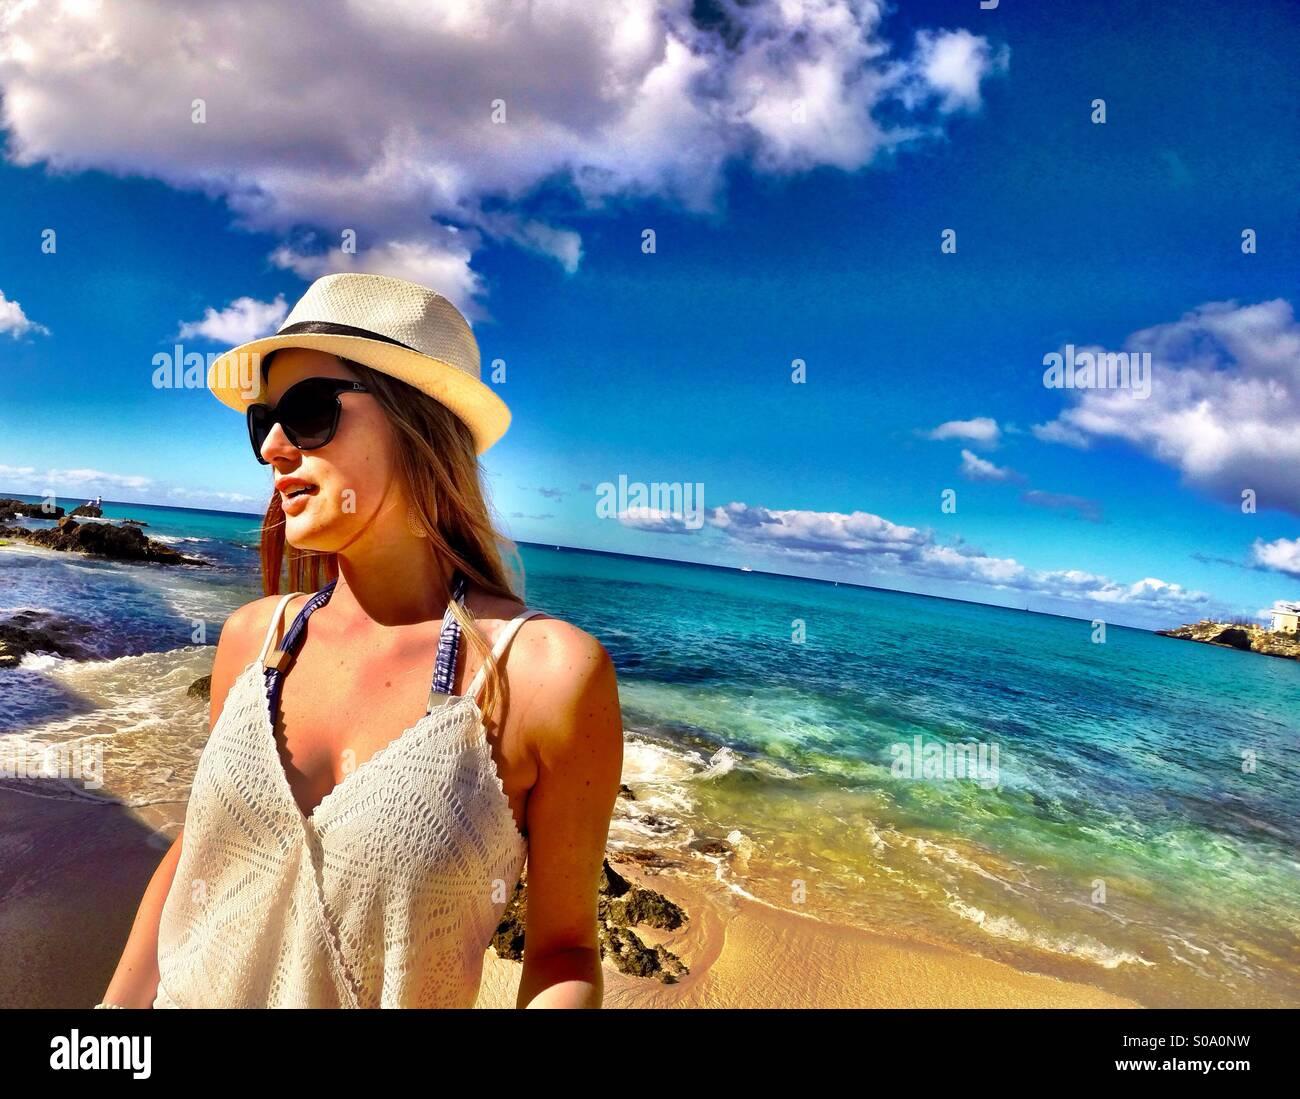 Lo stile di vita dei caraibi - Moda, rilassante, spiaggia, sfumature di blu Immagini Stock